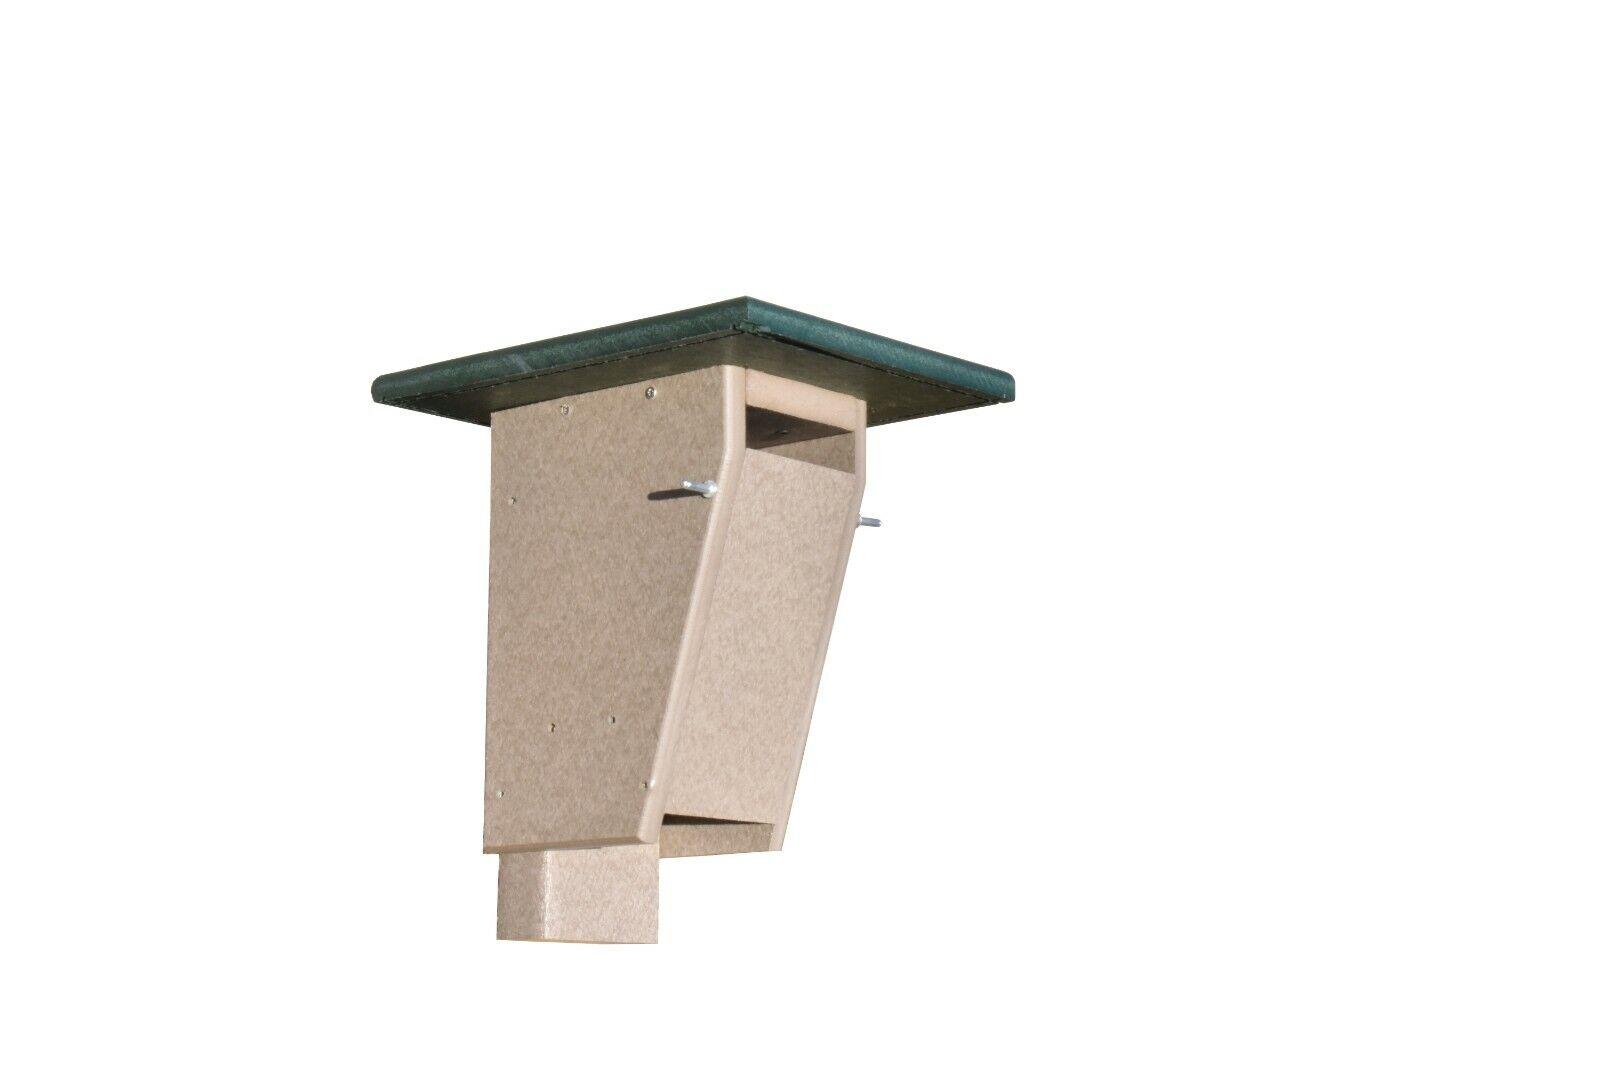 Poly Sparrow Resistente azulbird Casa Hecho a Mano